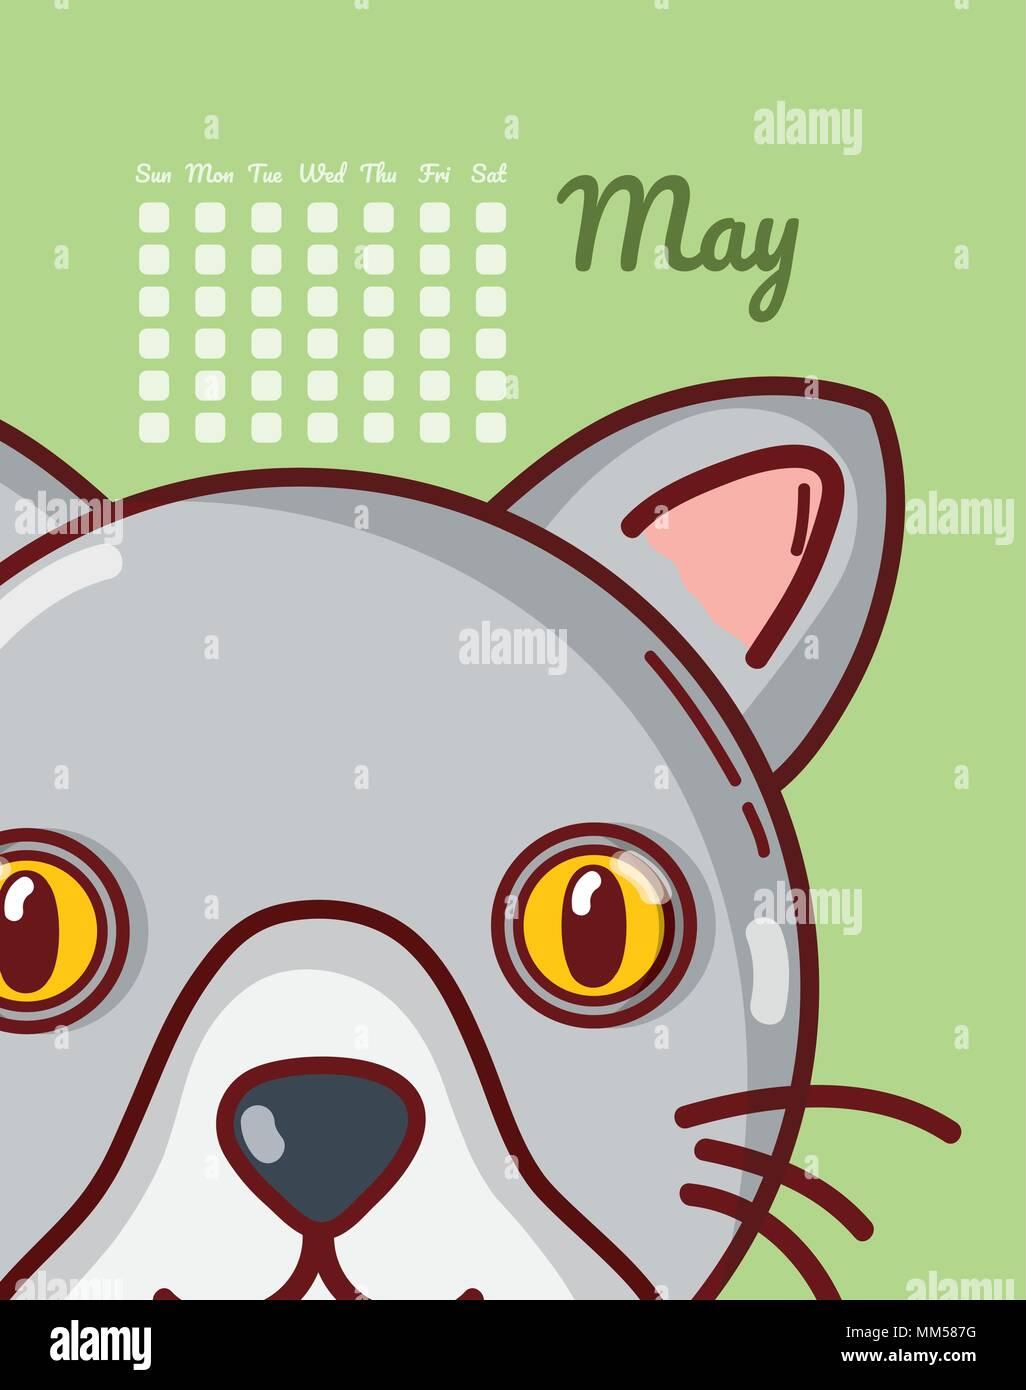 Calendrier Dessin Anime.Cat Et Calendrier Concept Dessin Anime Vecteurs Et